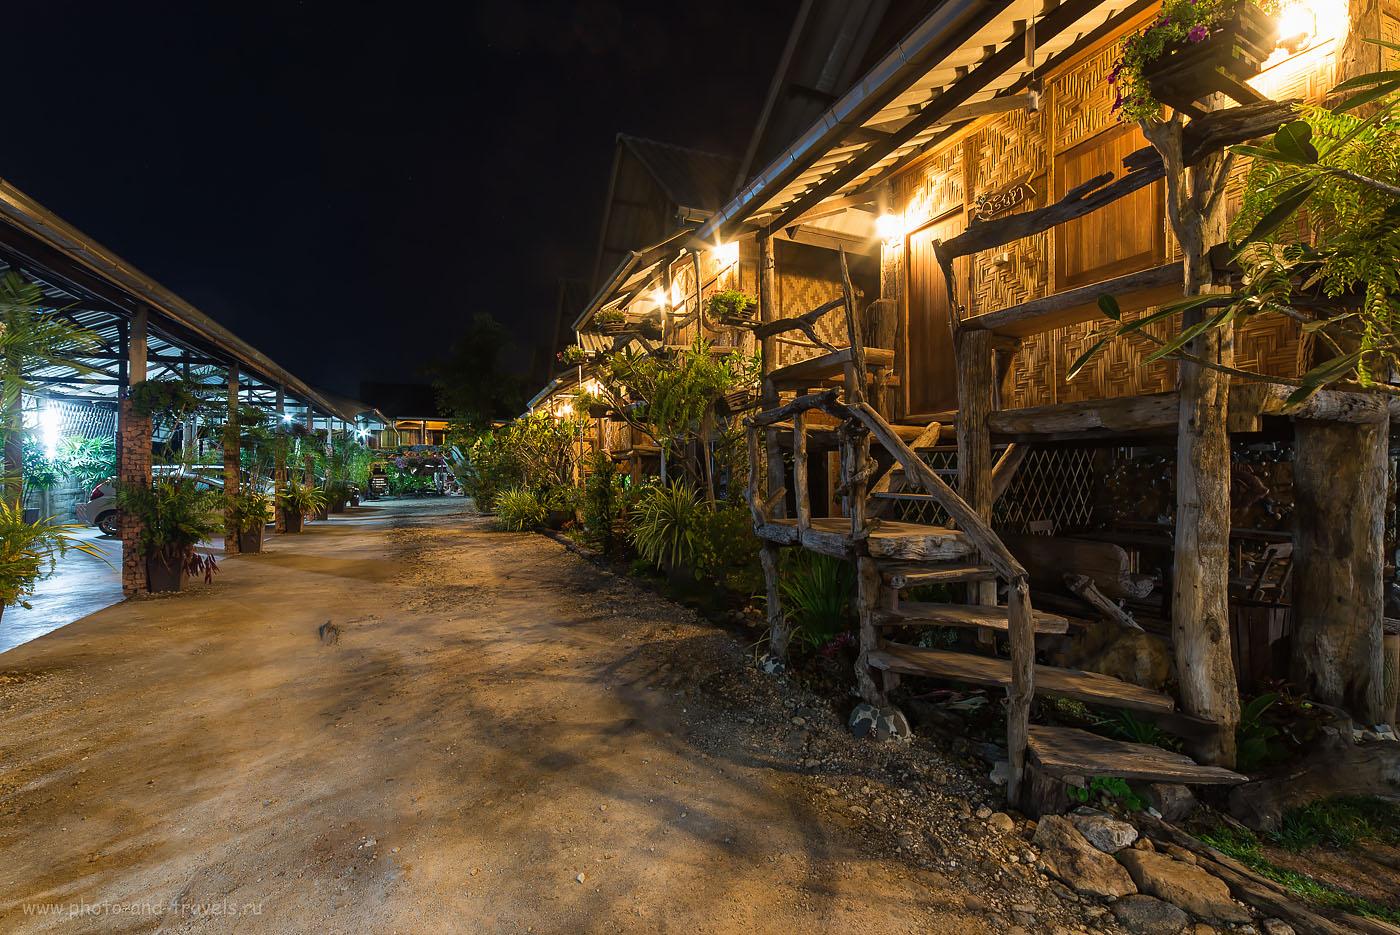 """Фотография 16. Колоритный отель в стиле """"Избушки на курьих ножках"""" в городе Ранонг в Таиланде. Цена - 600 бат за ночь за очень приличный номер."""